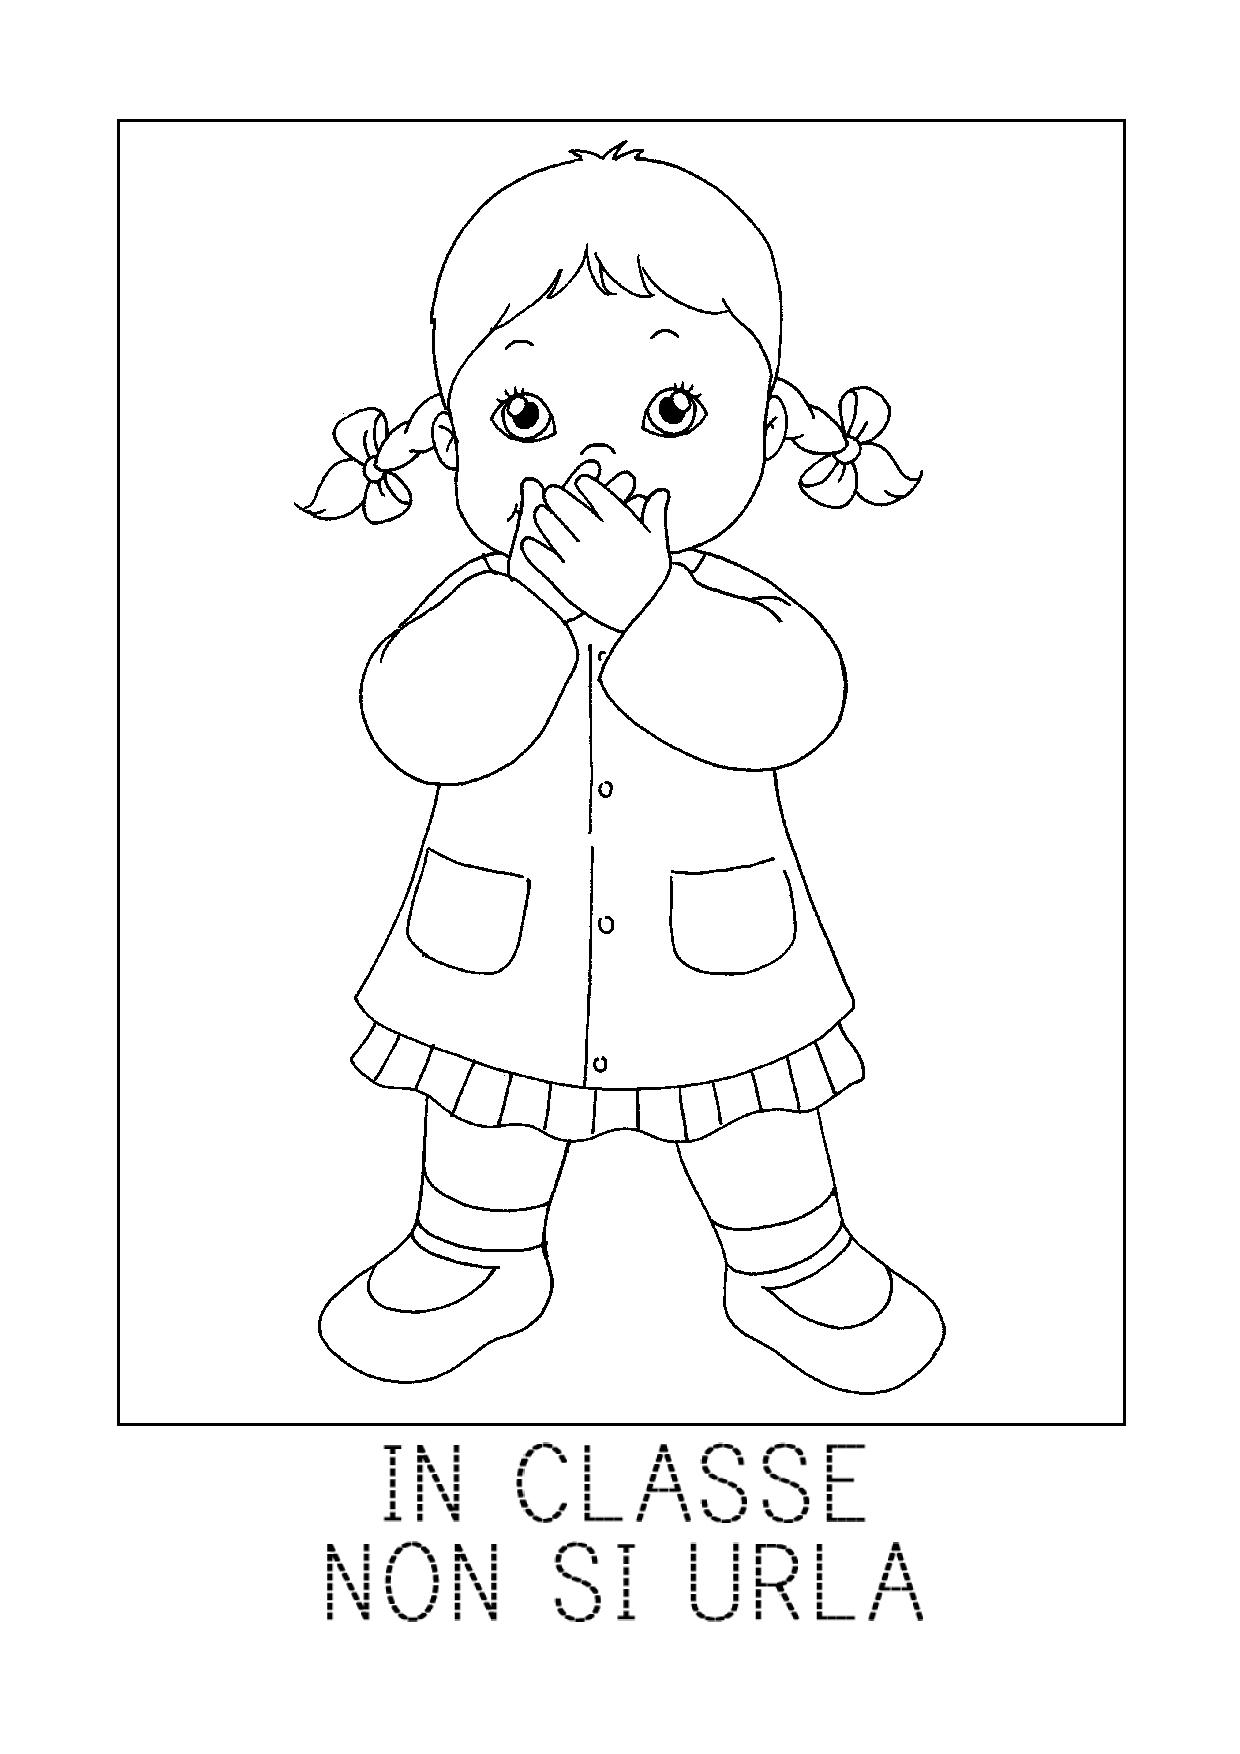 Pz c disegni da colorare for Disegno cavallo per bambini